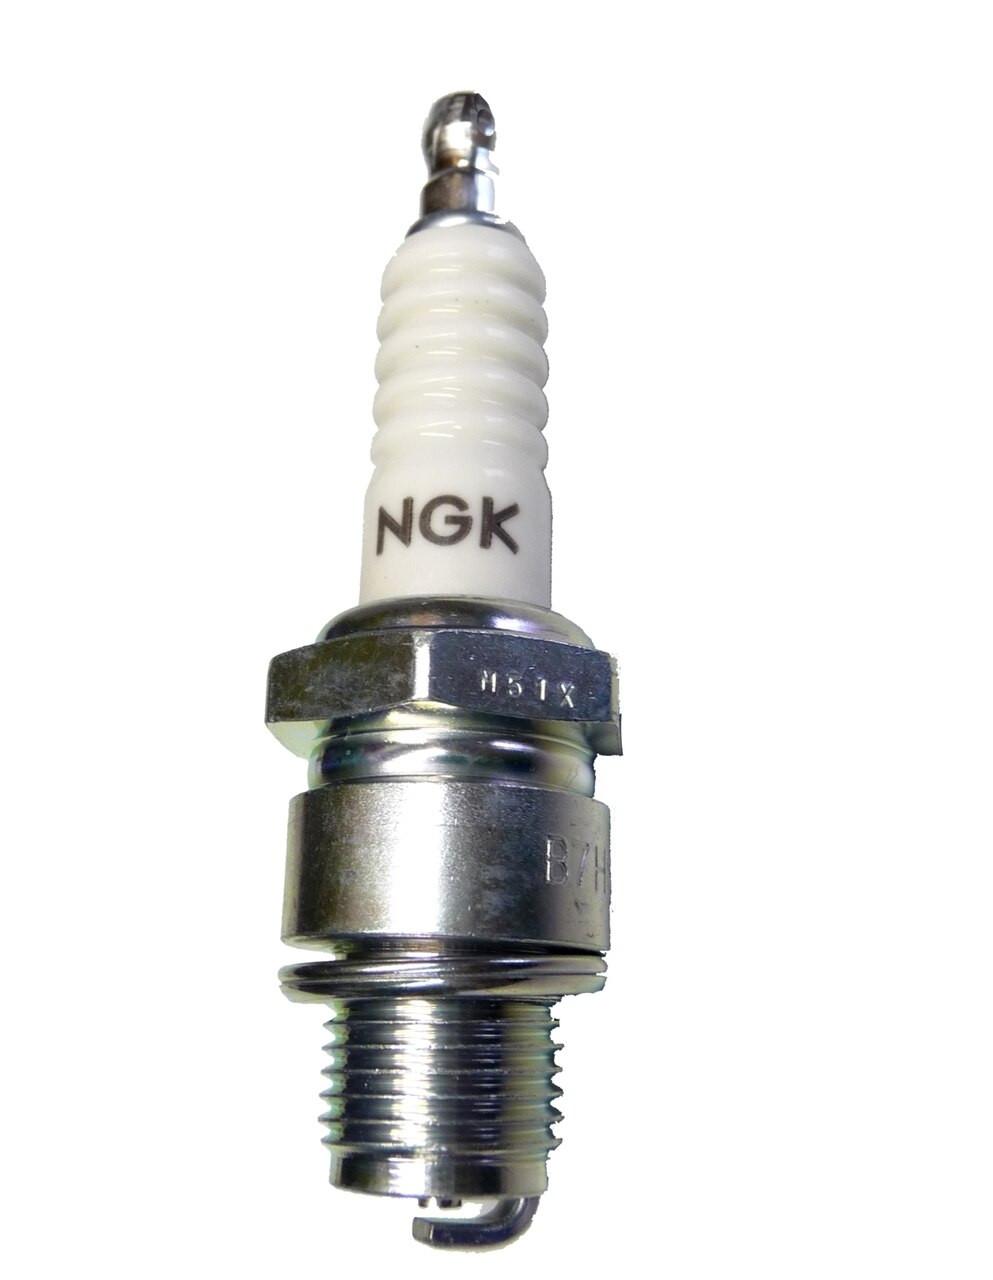 NGK BPR7ES Spark Plug - Extended Electrode Resistor Type